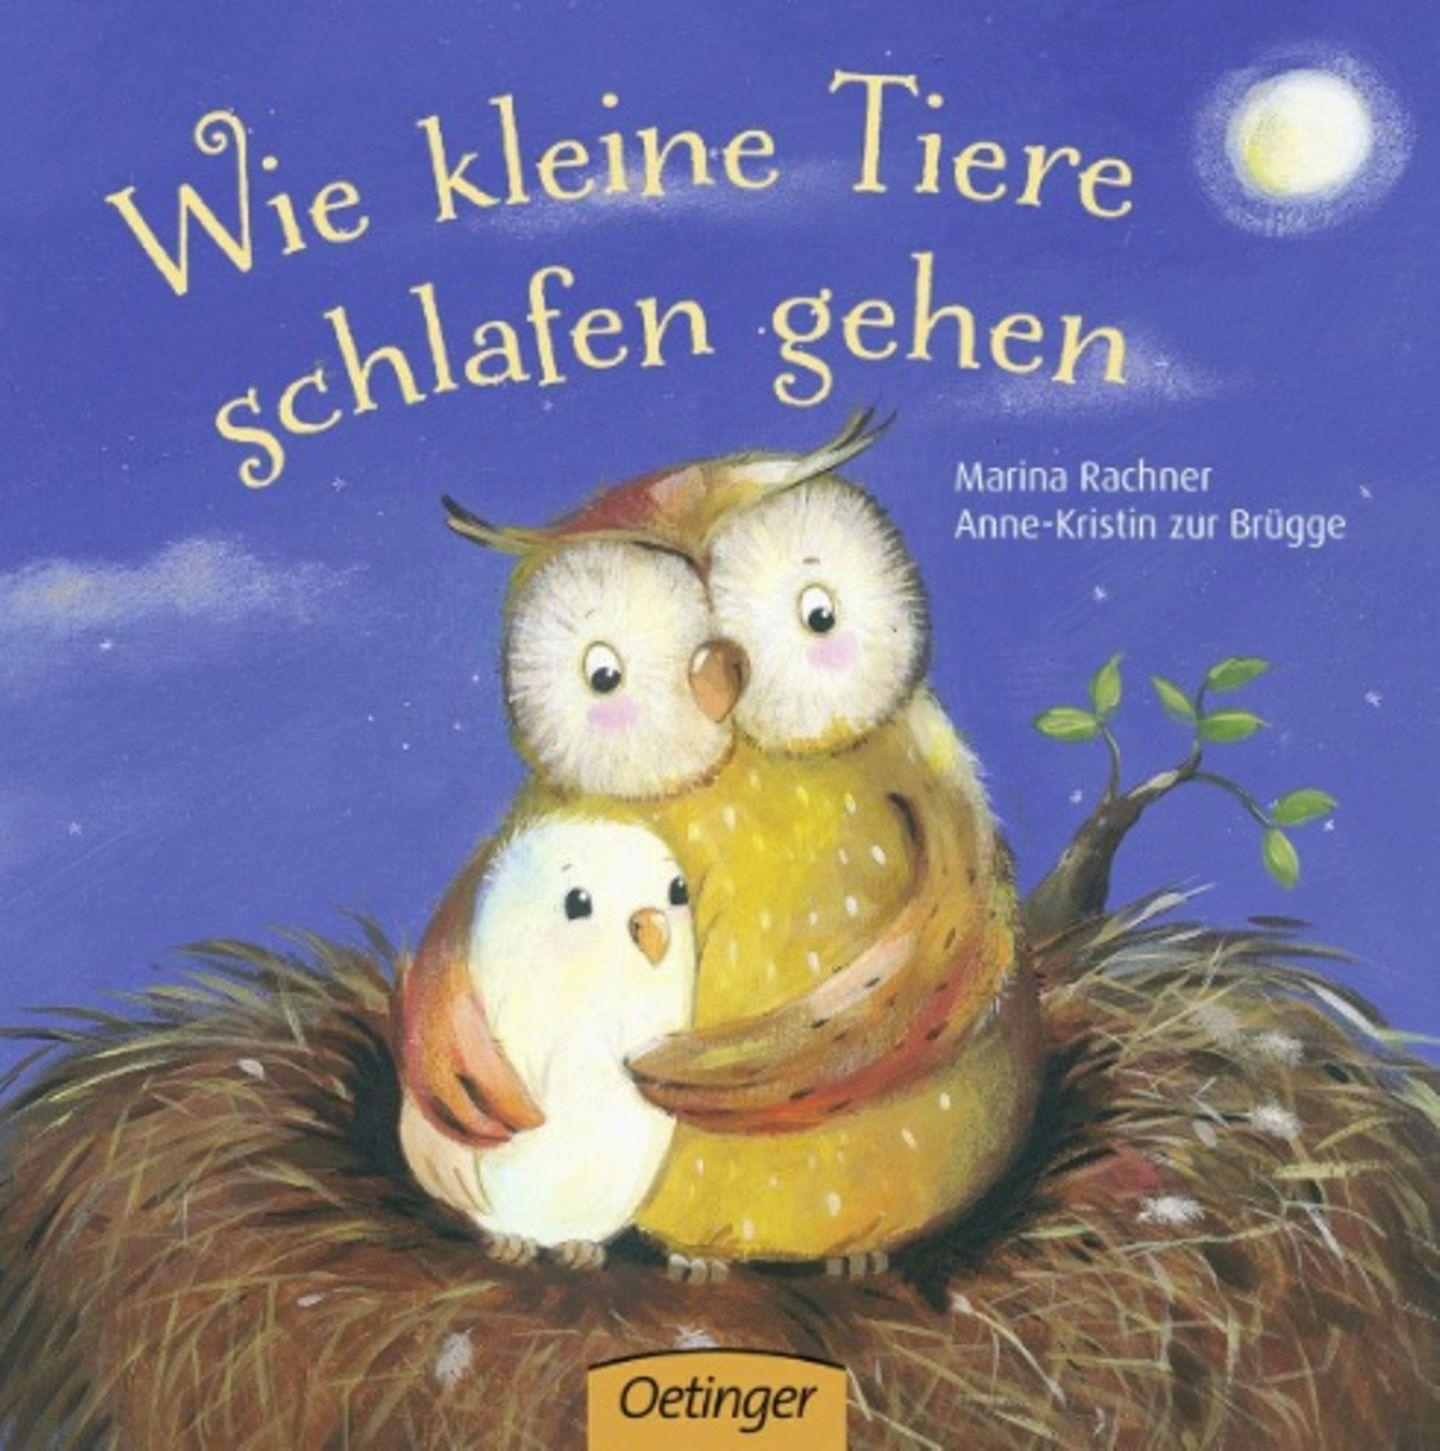 Buch: Wie kleine Tiere schlafen gehen.